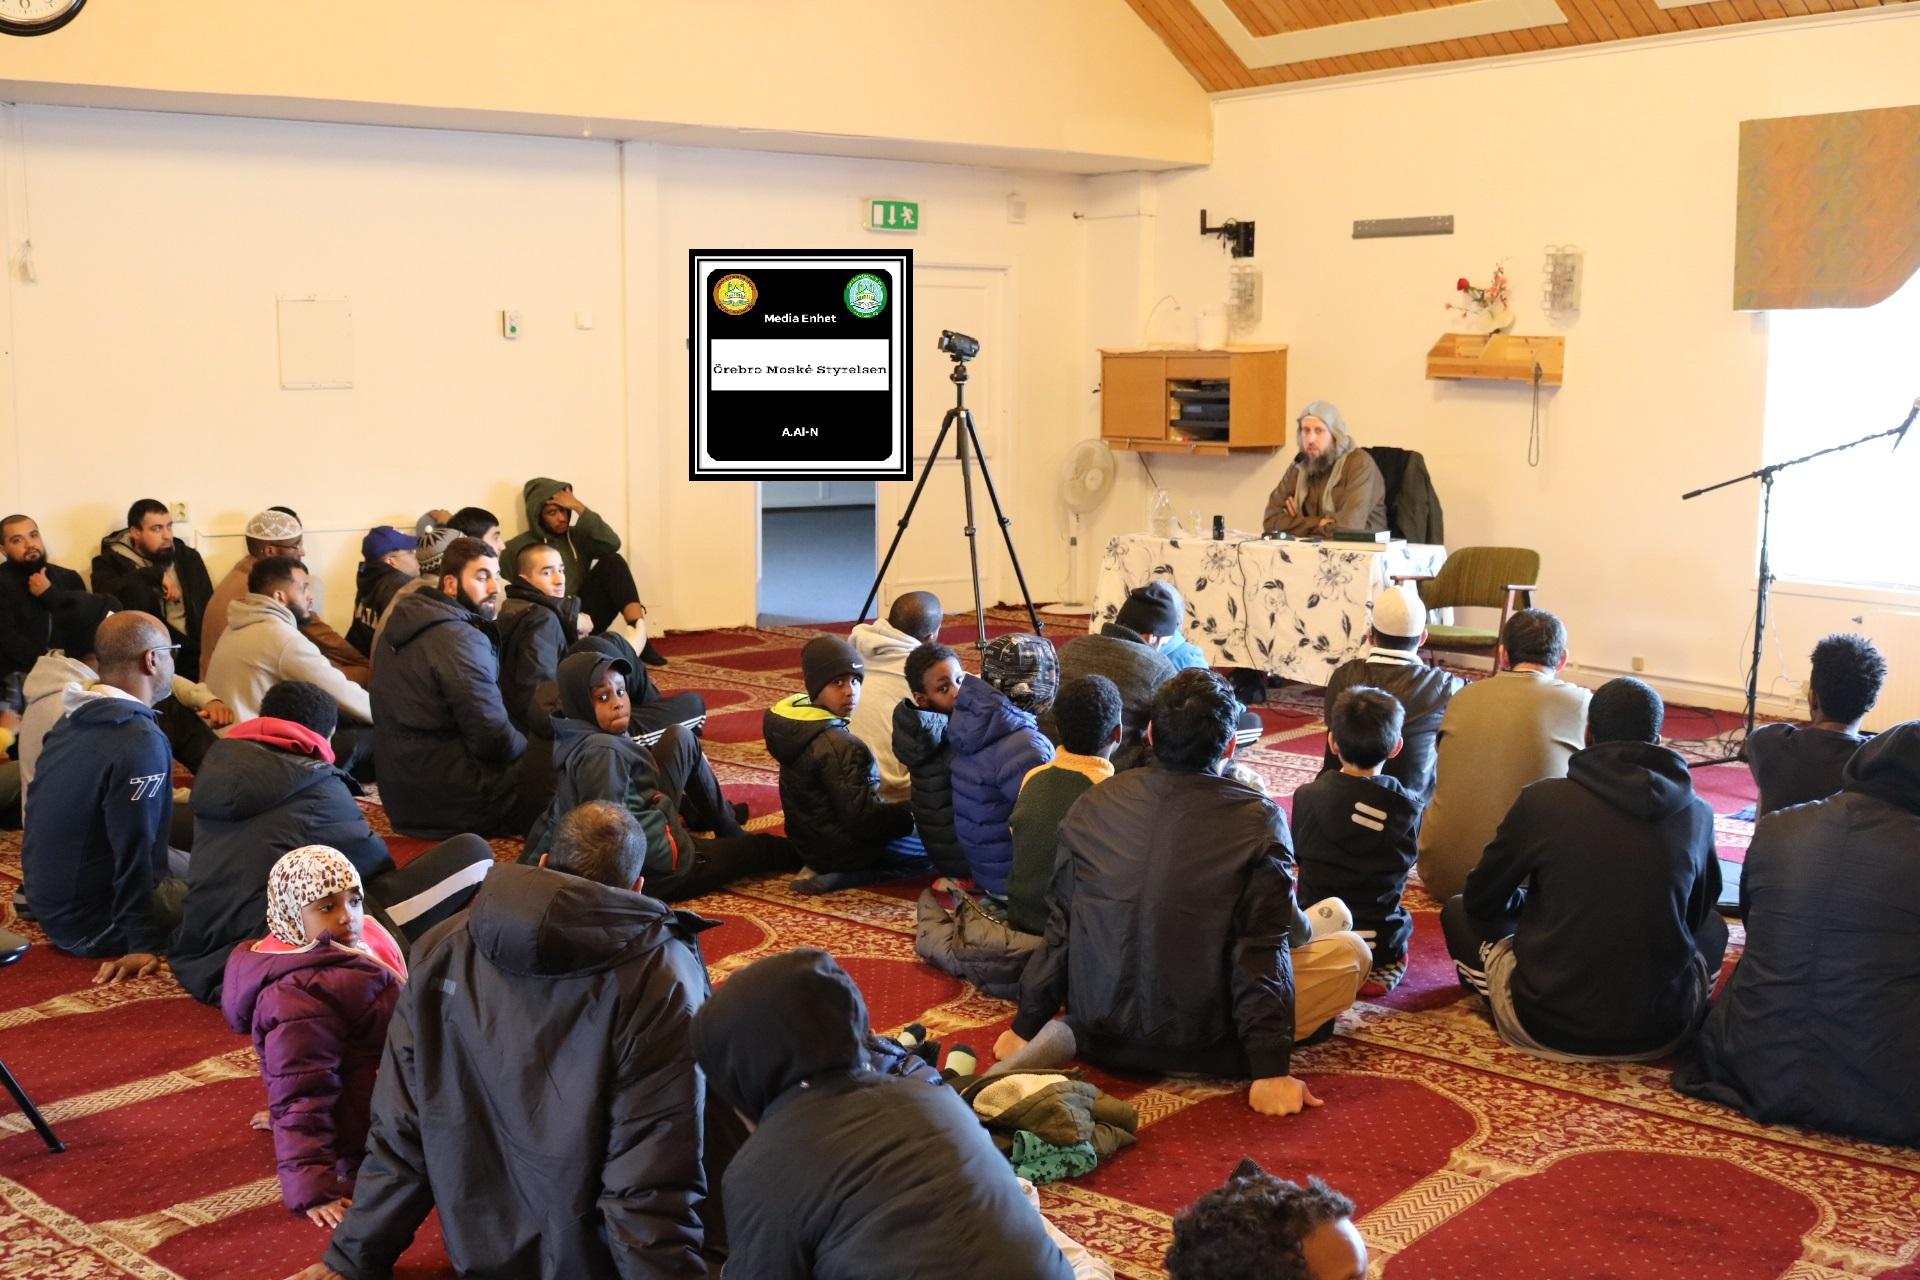 Abdullwadod Al-Swidi Ung i Islam/Råd till Ungdomar 31/03/2019 الشباب في الإسلام/نصائح للشباب *************************** FILMED ON LOCATION ********************************* Orebro Mosque - Örebro Moske - مسجد اوربرو *************************** Sverige - السويد – Sweden *************************** DIRECTED BY ********************************* A.Al-N ********************************* Effected Video (Facebook) ********************************* Irakier i Örebro - Iraqis in Orebro (Facebook) ********************************* Örebro moské älskare - Orebro mosque lovers - محبي مسجد اوربرو (Facebook) ************************************************ Effected Video (YouTube) http://www.youtube.com/channel/UCSEb- ibpdTXYFwLsCf8E3Aw ************************************************ Baghdad forever (YouTube) http://www.youtube.com/user/baghdadiforever